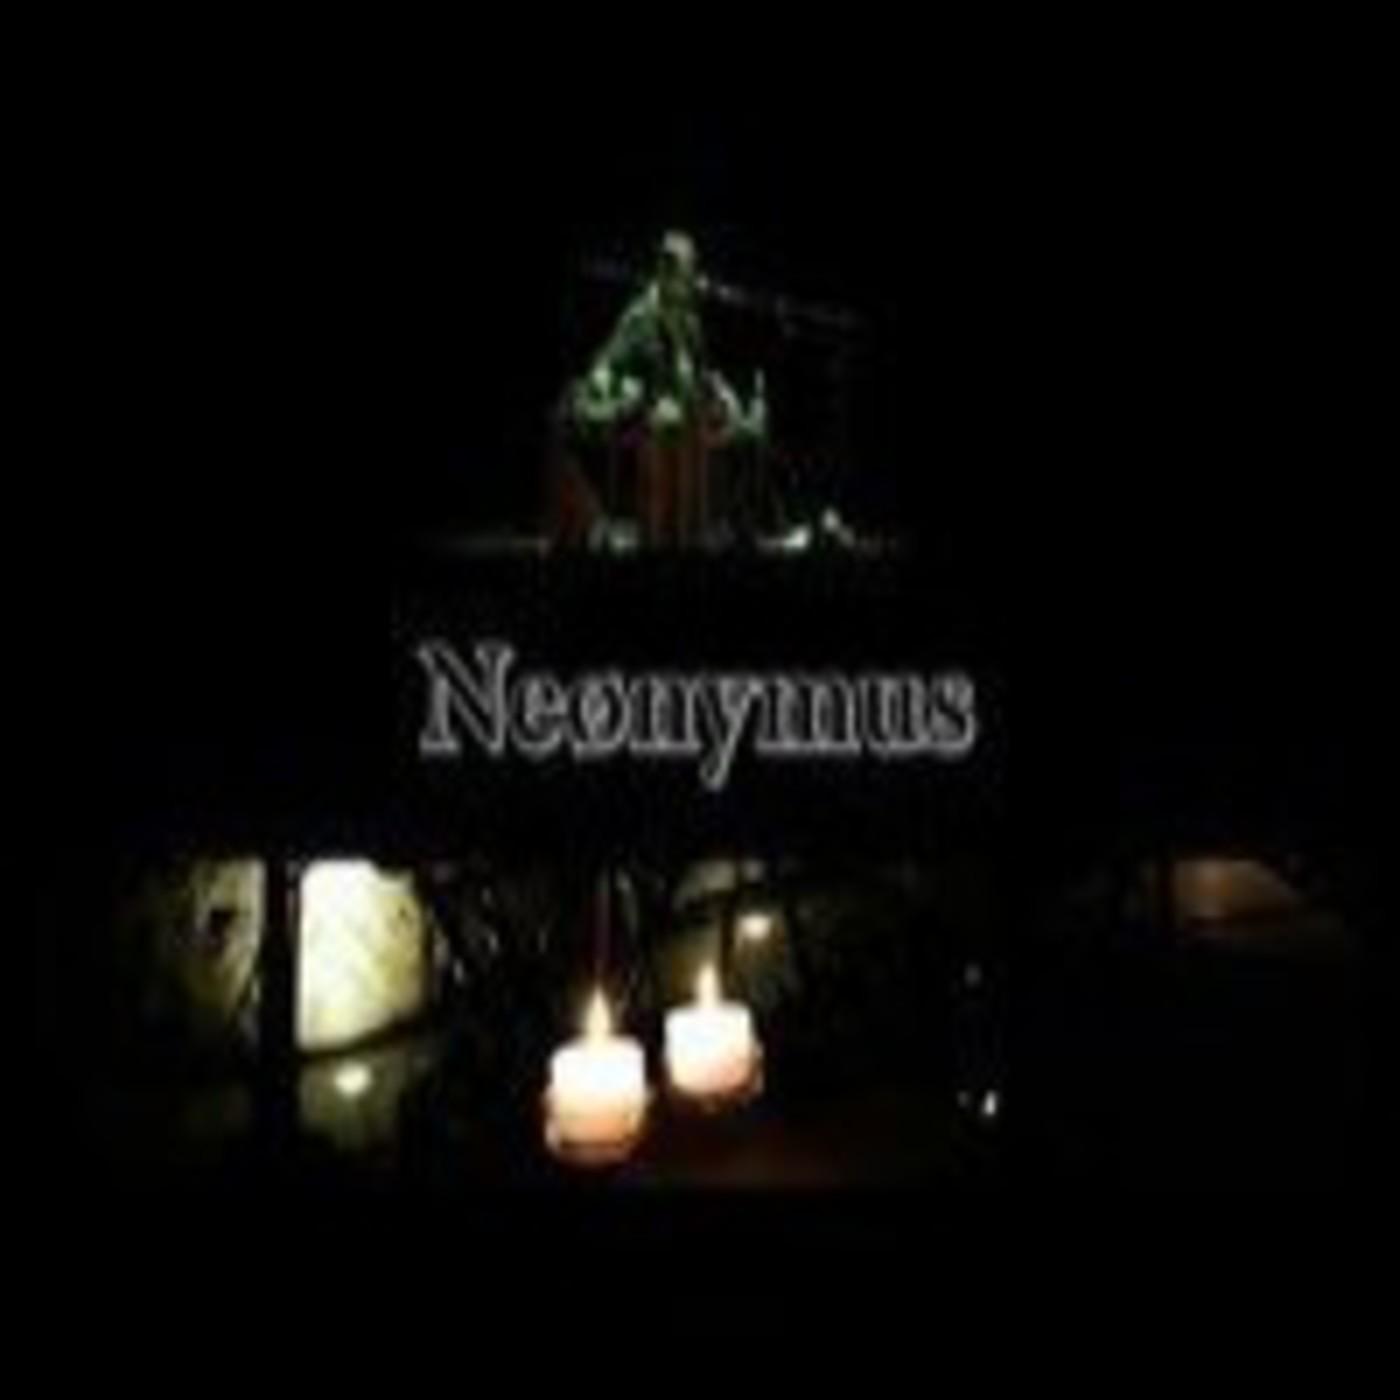 Ne nymus ecos de la prehistoria en musicas milenio 3 y for Cuarto milenio radio horario